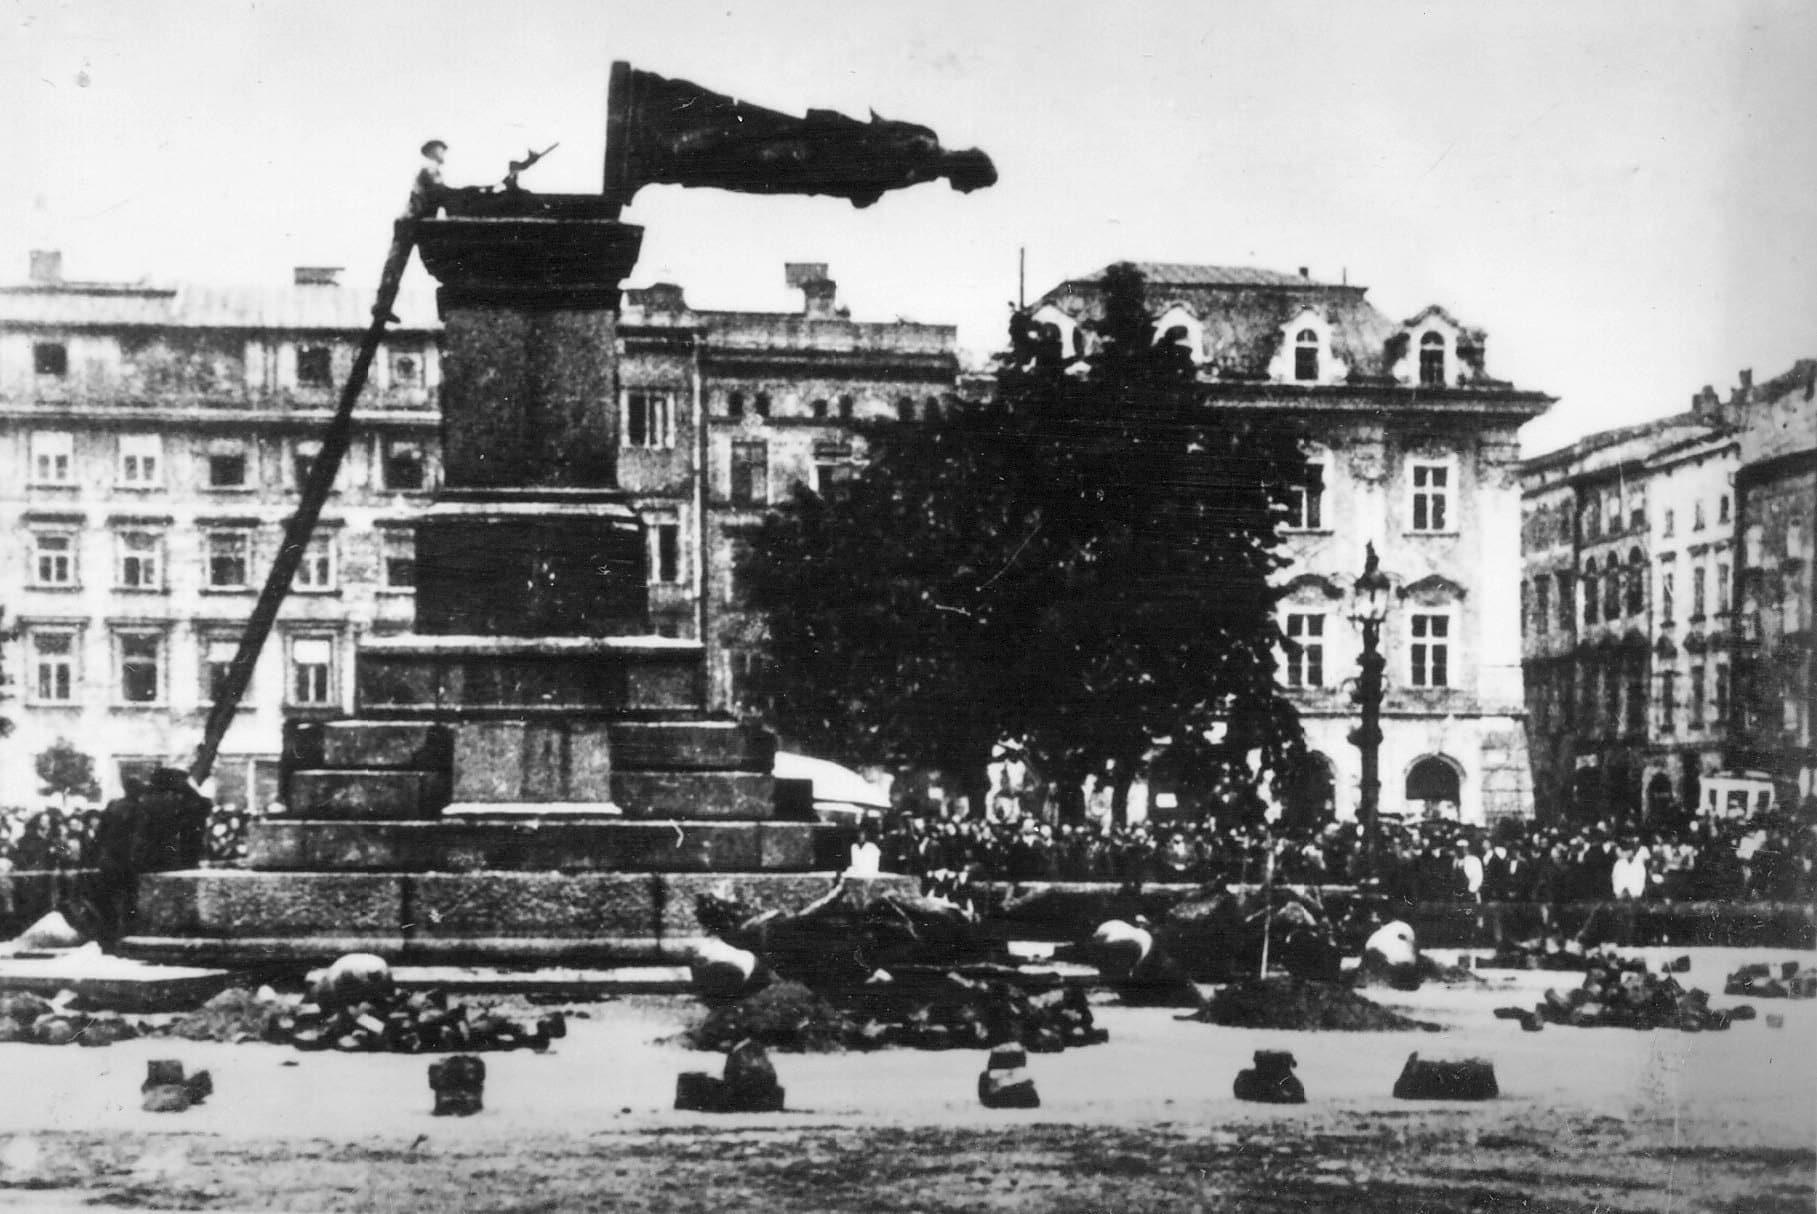 Zniszczenie pomnika Adama Mickiewicza w 1940 roku. Zdjęcie z kolekcji zdjęć z Drugiej Wojny Światowej Dr. Marka Tuszyńskiego. / Domena Publiczna. Niemiecka okupacja w Krakowie